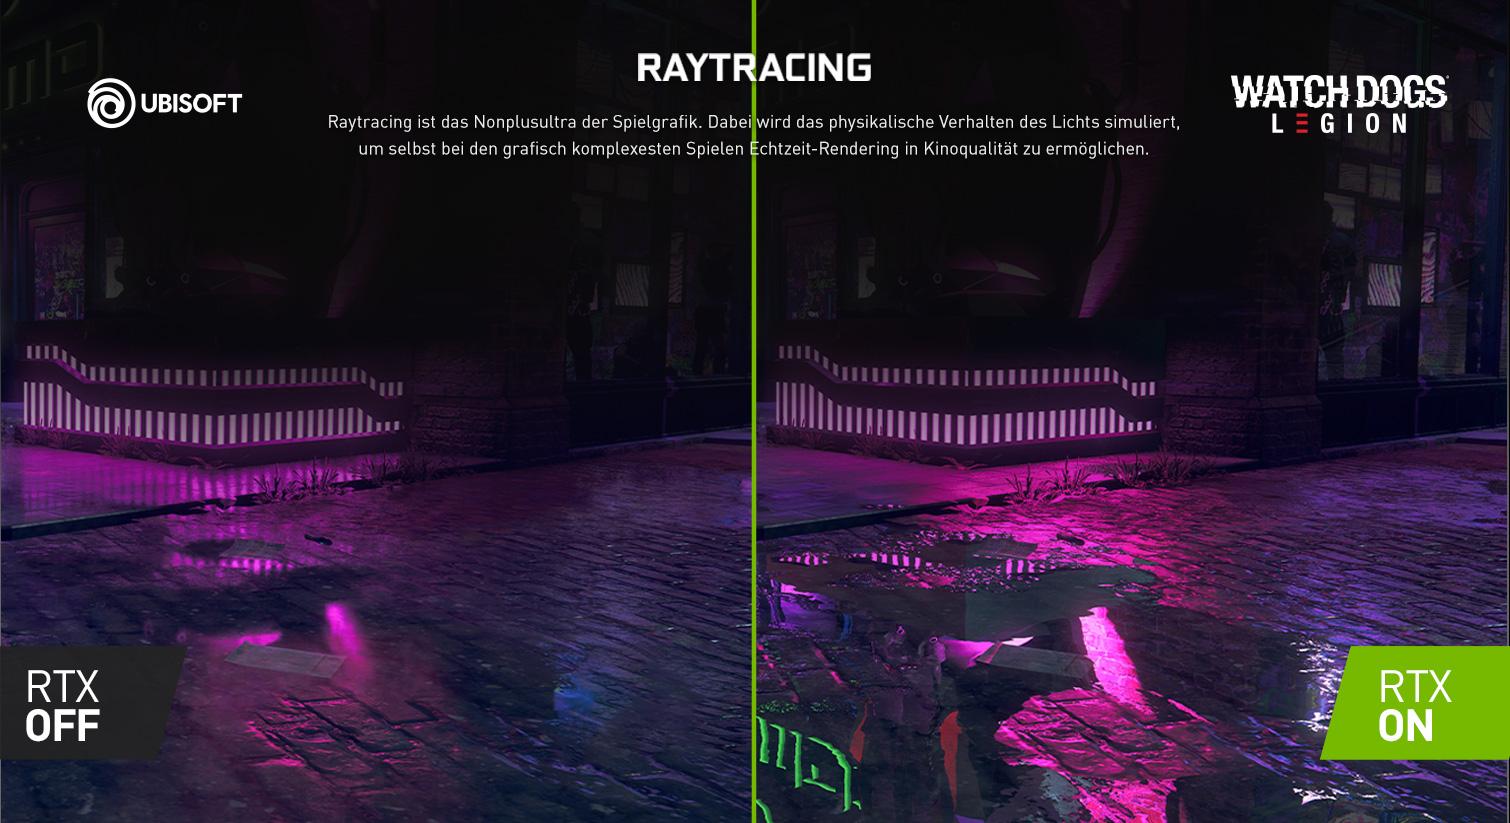 Raytracing für ein nonplusultra der Spielgrafik